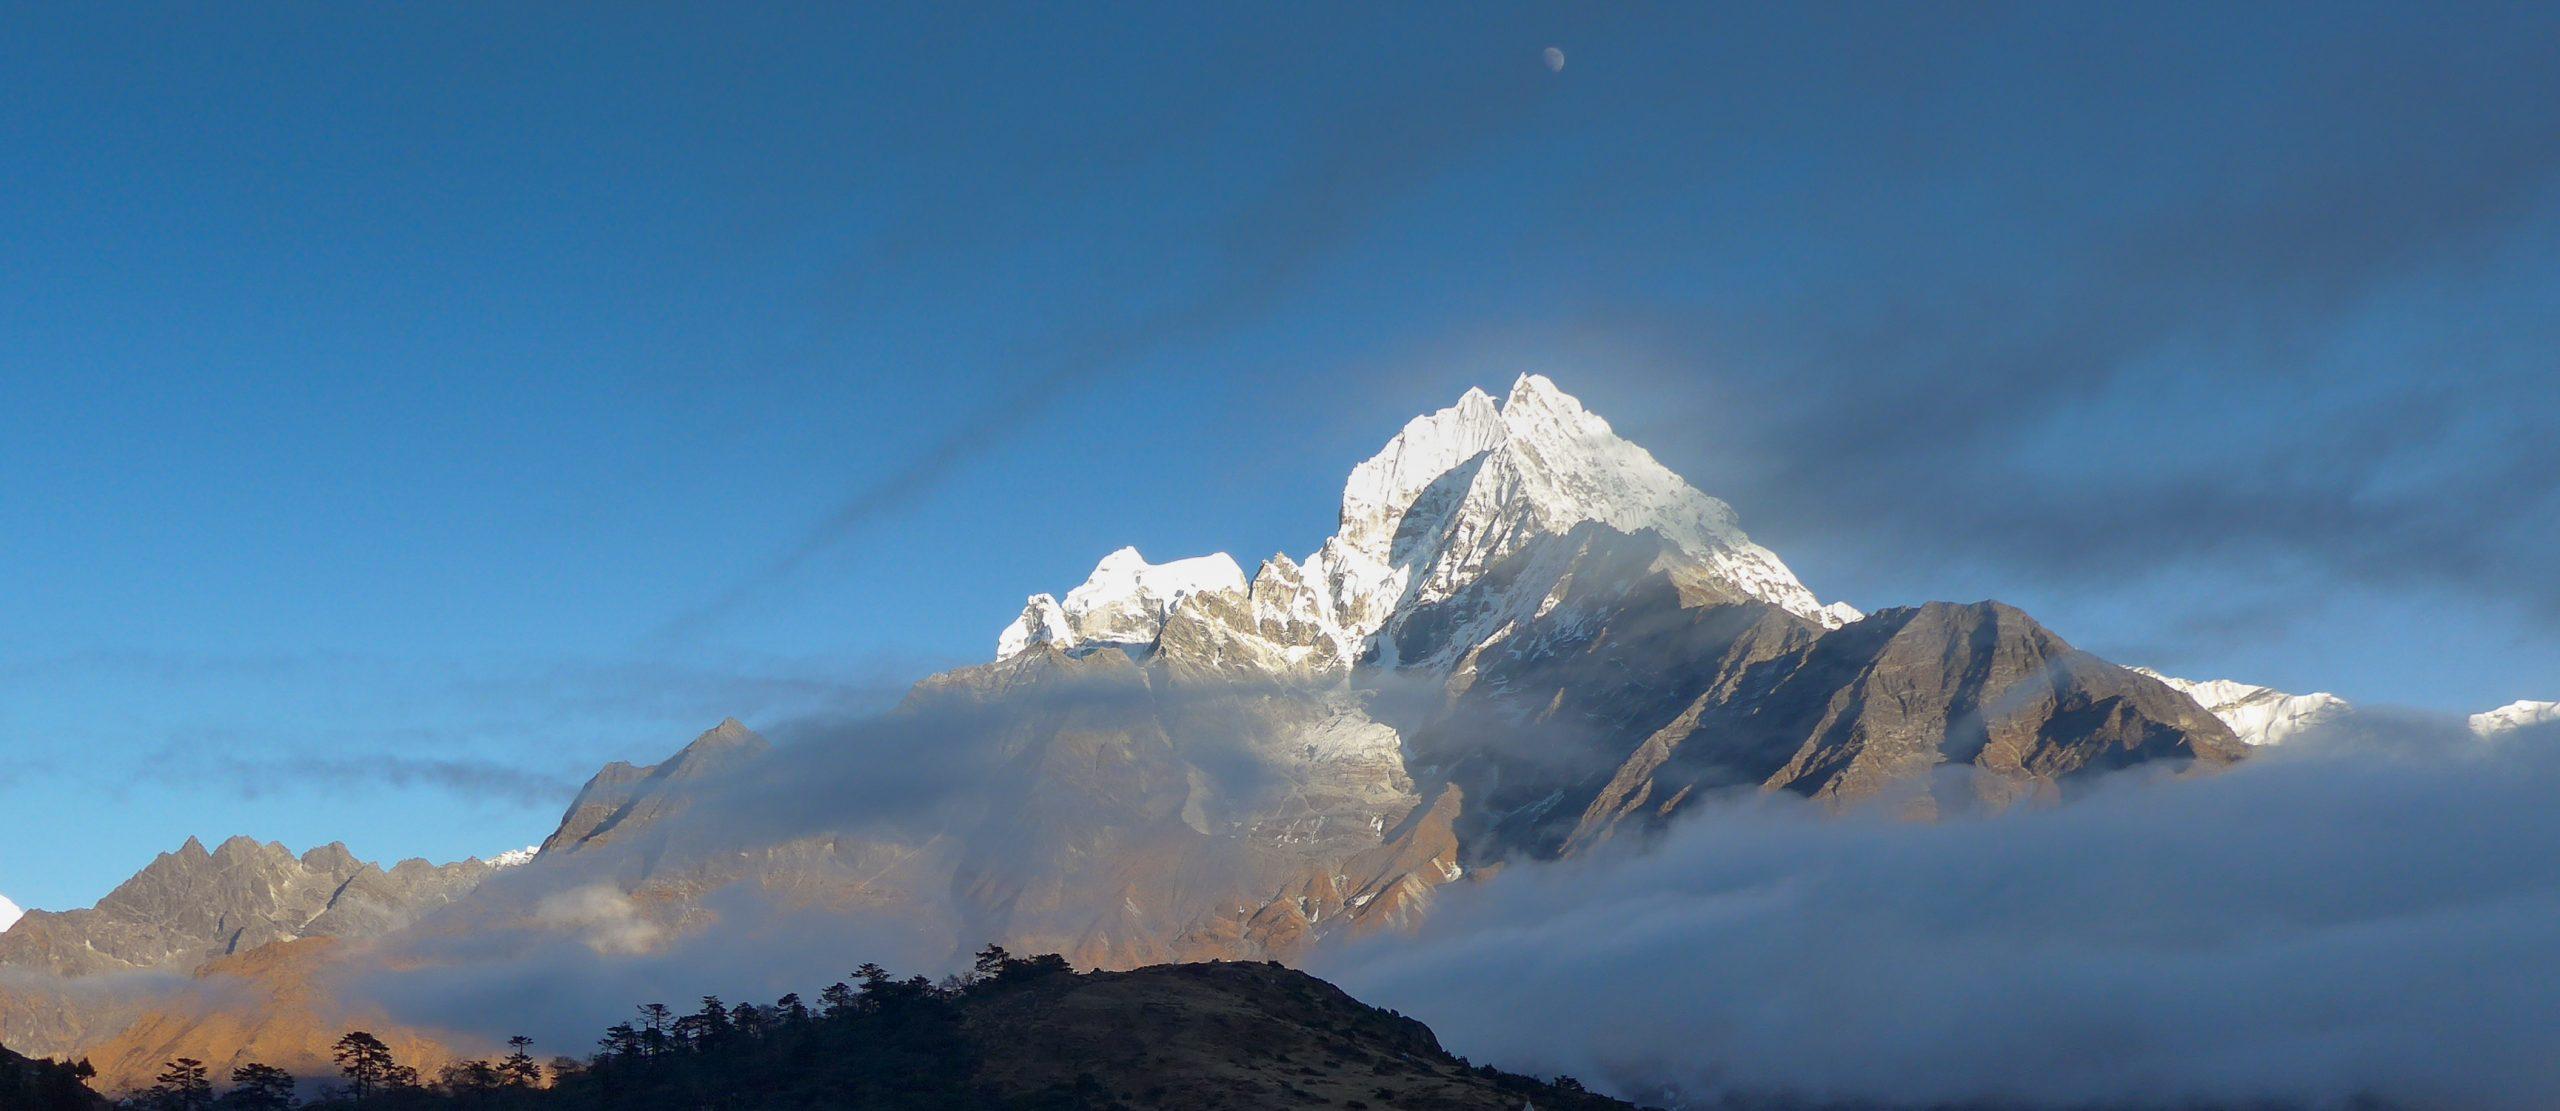 Mountain summit in Nepal